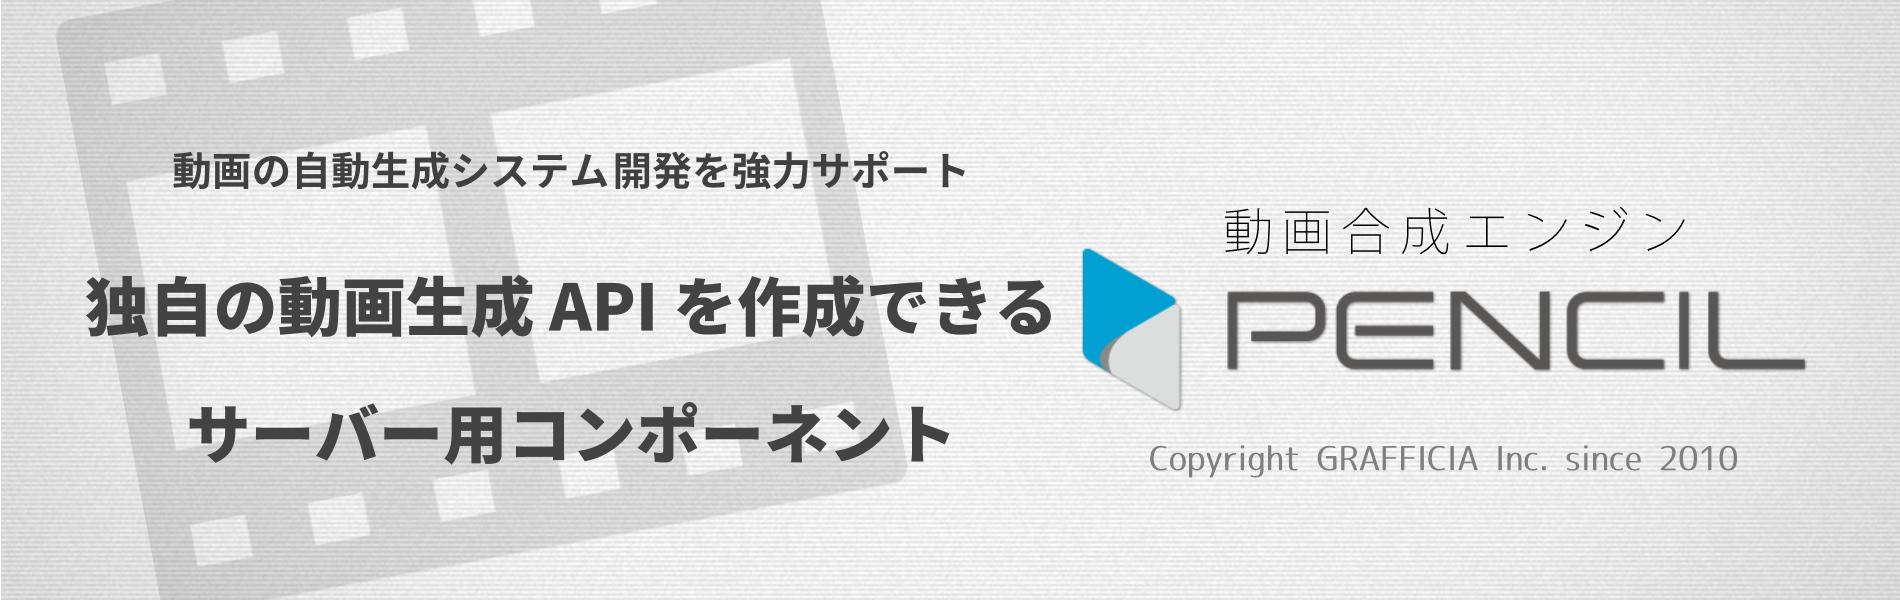 動画の自動編集・合成 API を構築できるサーバーコンポーネント PENCIL 概要